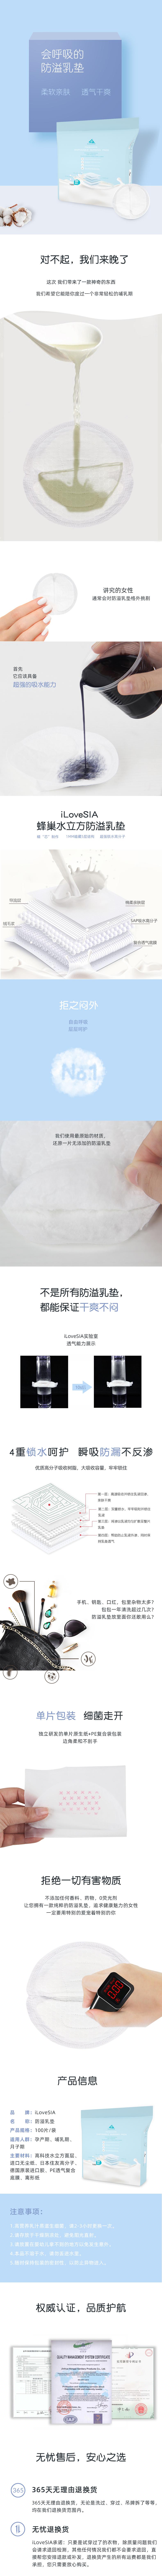 防溢乳垫-防溢乳垫详情页